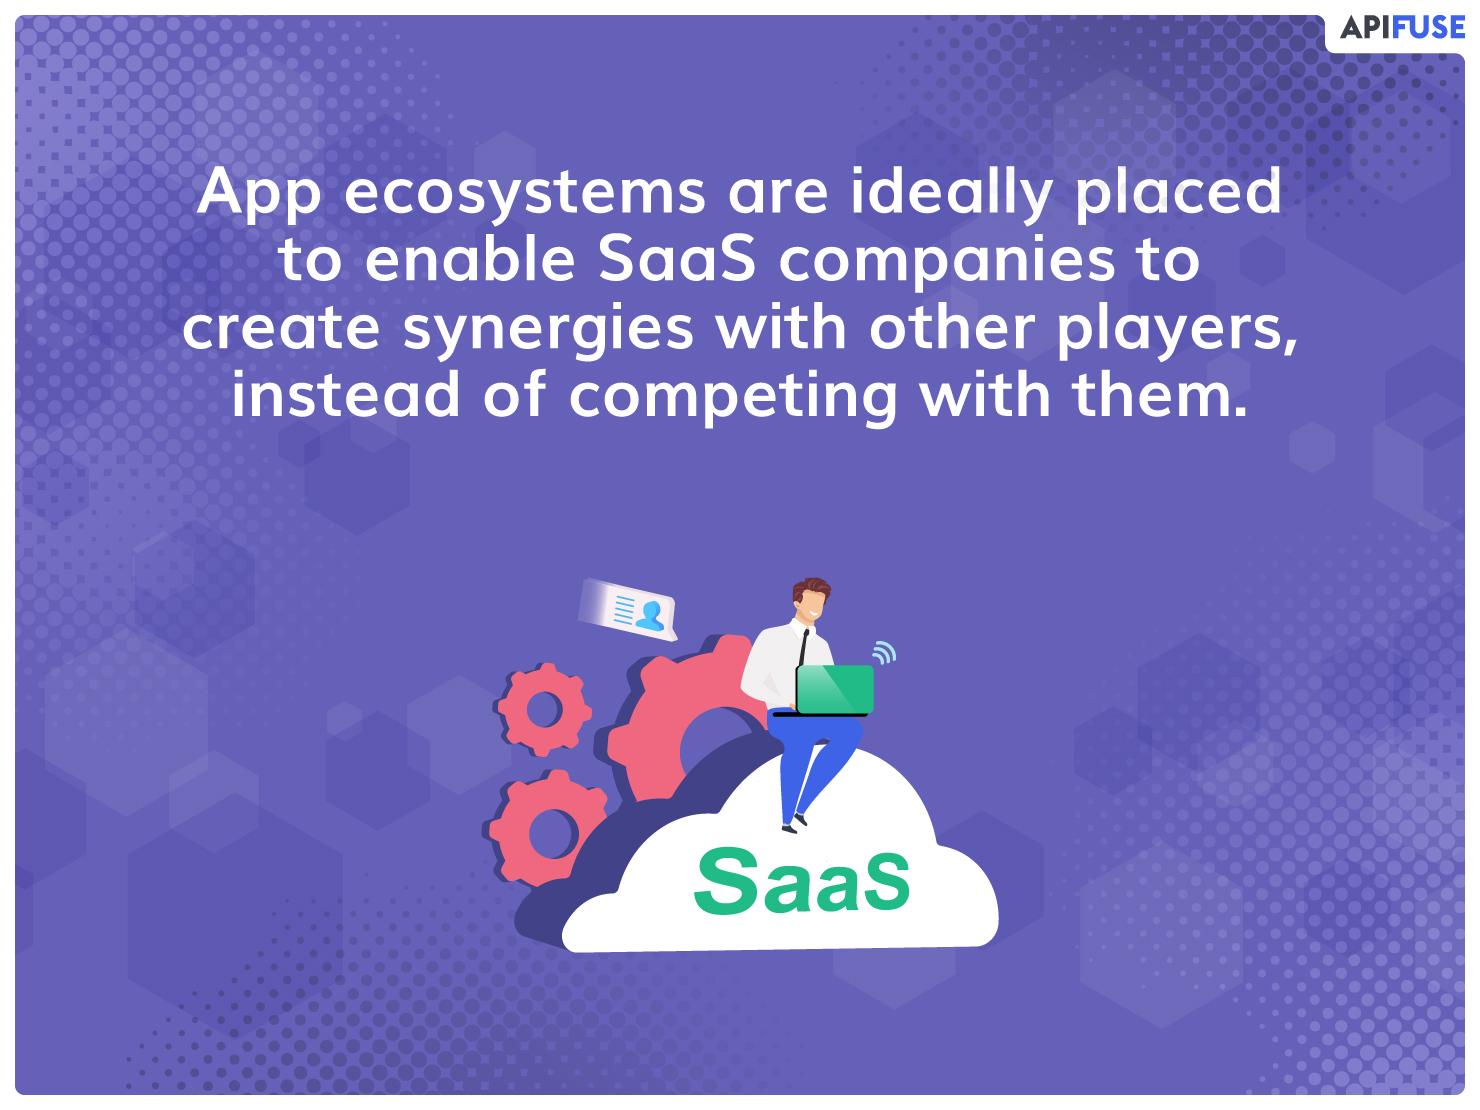 App ecosystems